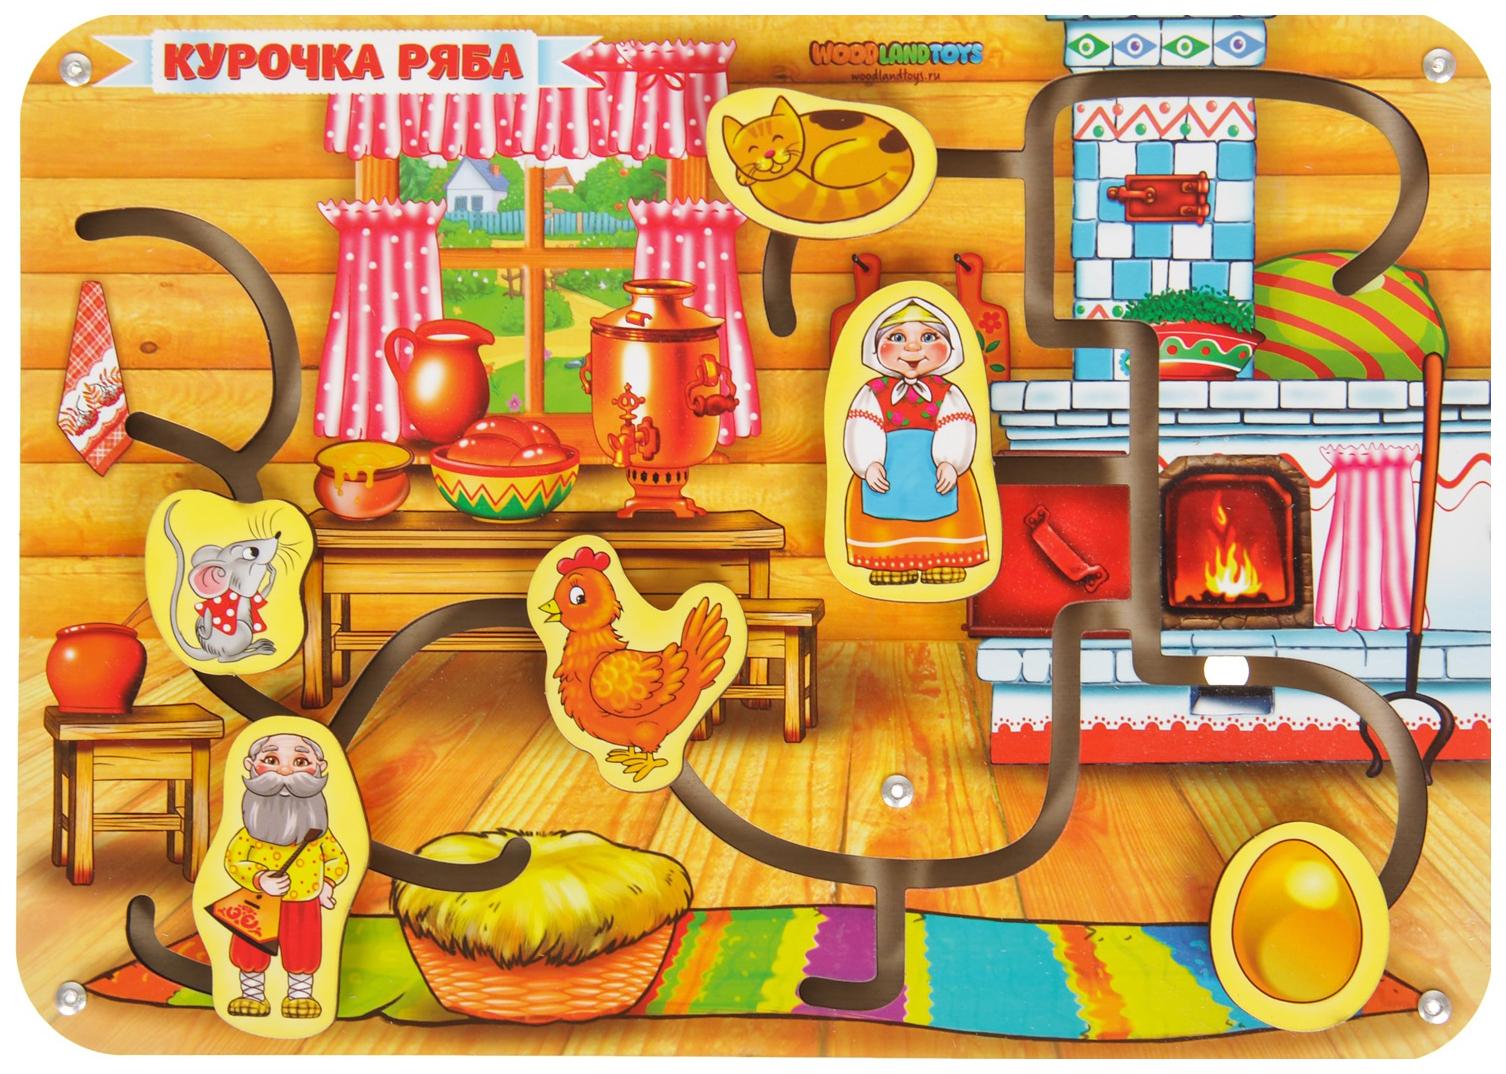 Купить Лабиринт Сказки - Курочка Ряба Woodland (Сибирский сувенир), Развивающие игрушки